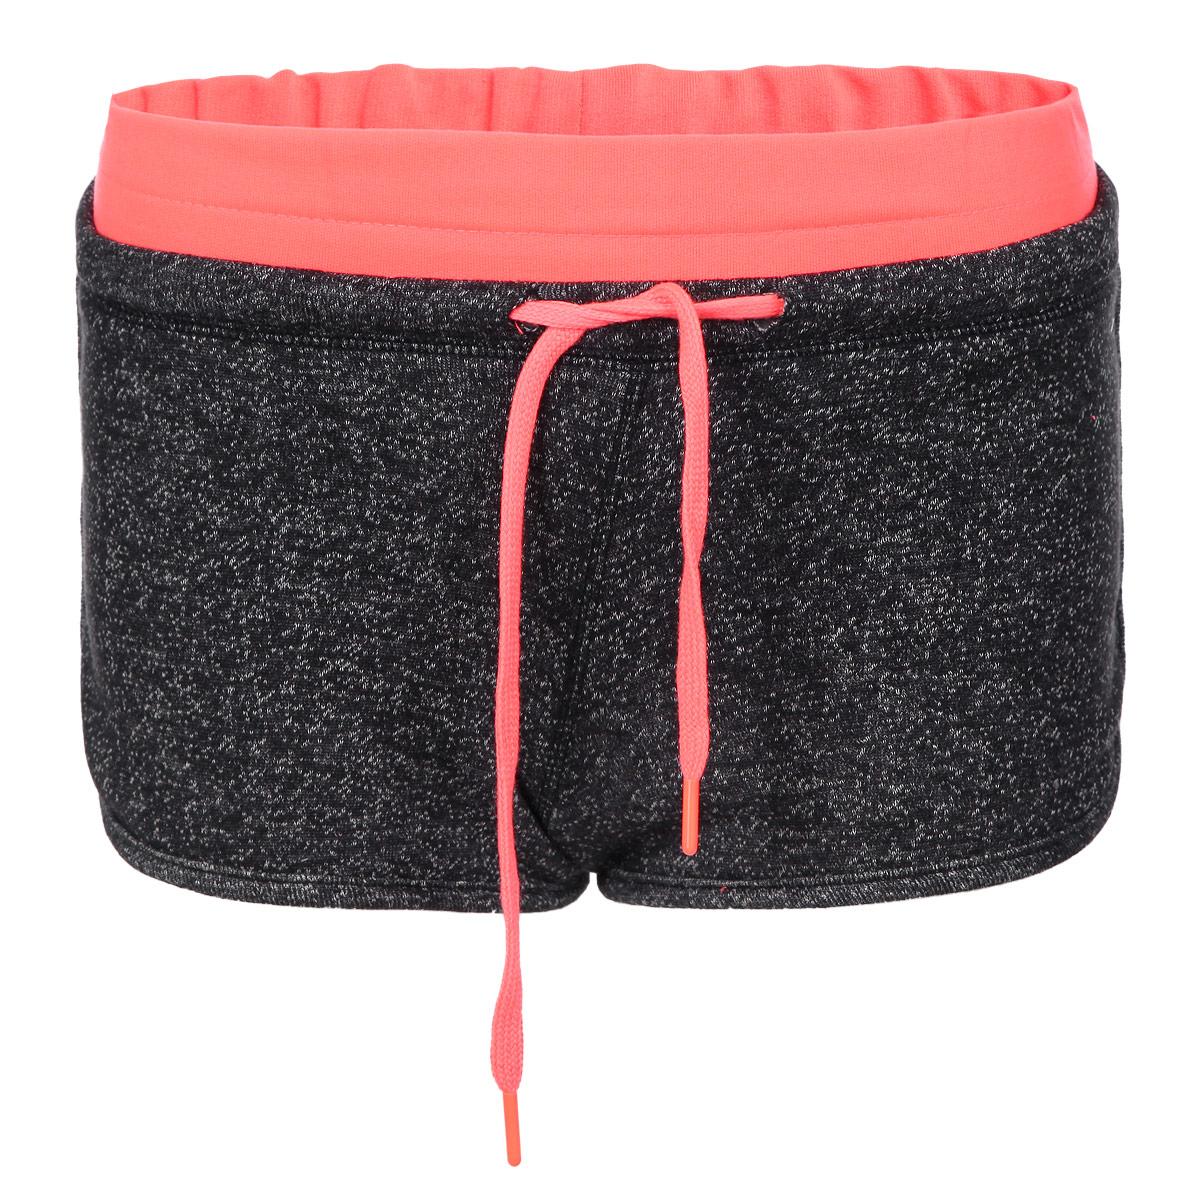 ШортыL-SH-1700 BLACK MELANGEСтильные женские шорты Moodo выполнены из высококачественного материала - полиэстера с добавлением хлопка. С изнаночной стороны - очень мягкий ворсистый материал, приятный на ощупь. Модель на широкой эластичной резинке, затягивается на кулиску. Пояс и затягивающийся шнурок выполнены в контрастном цвете. Стильные шорты - незаменимая вещь в летнем гардеробе каждой девушки.